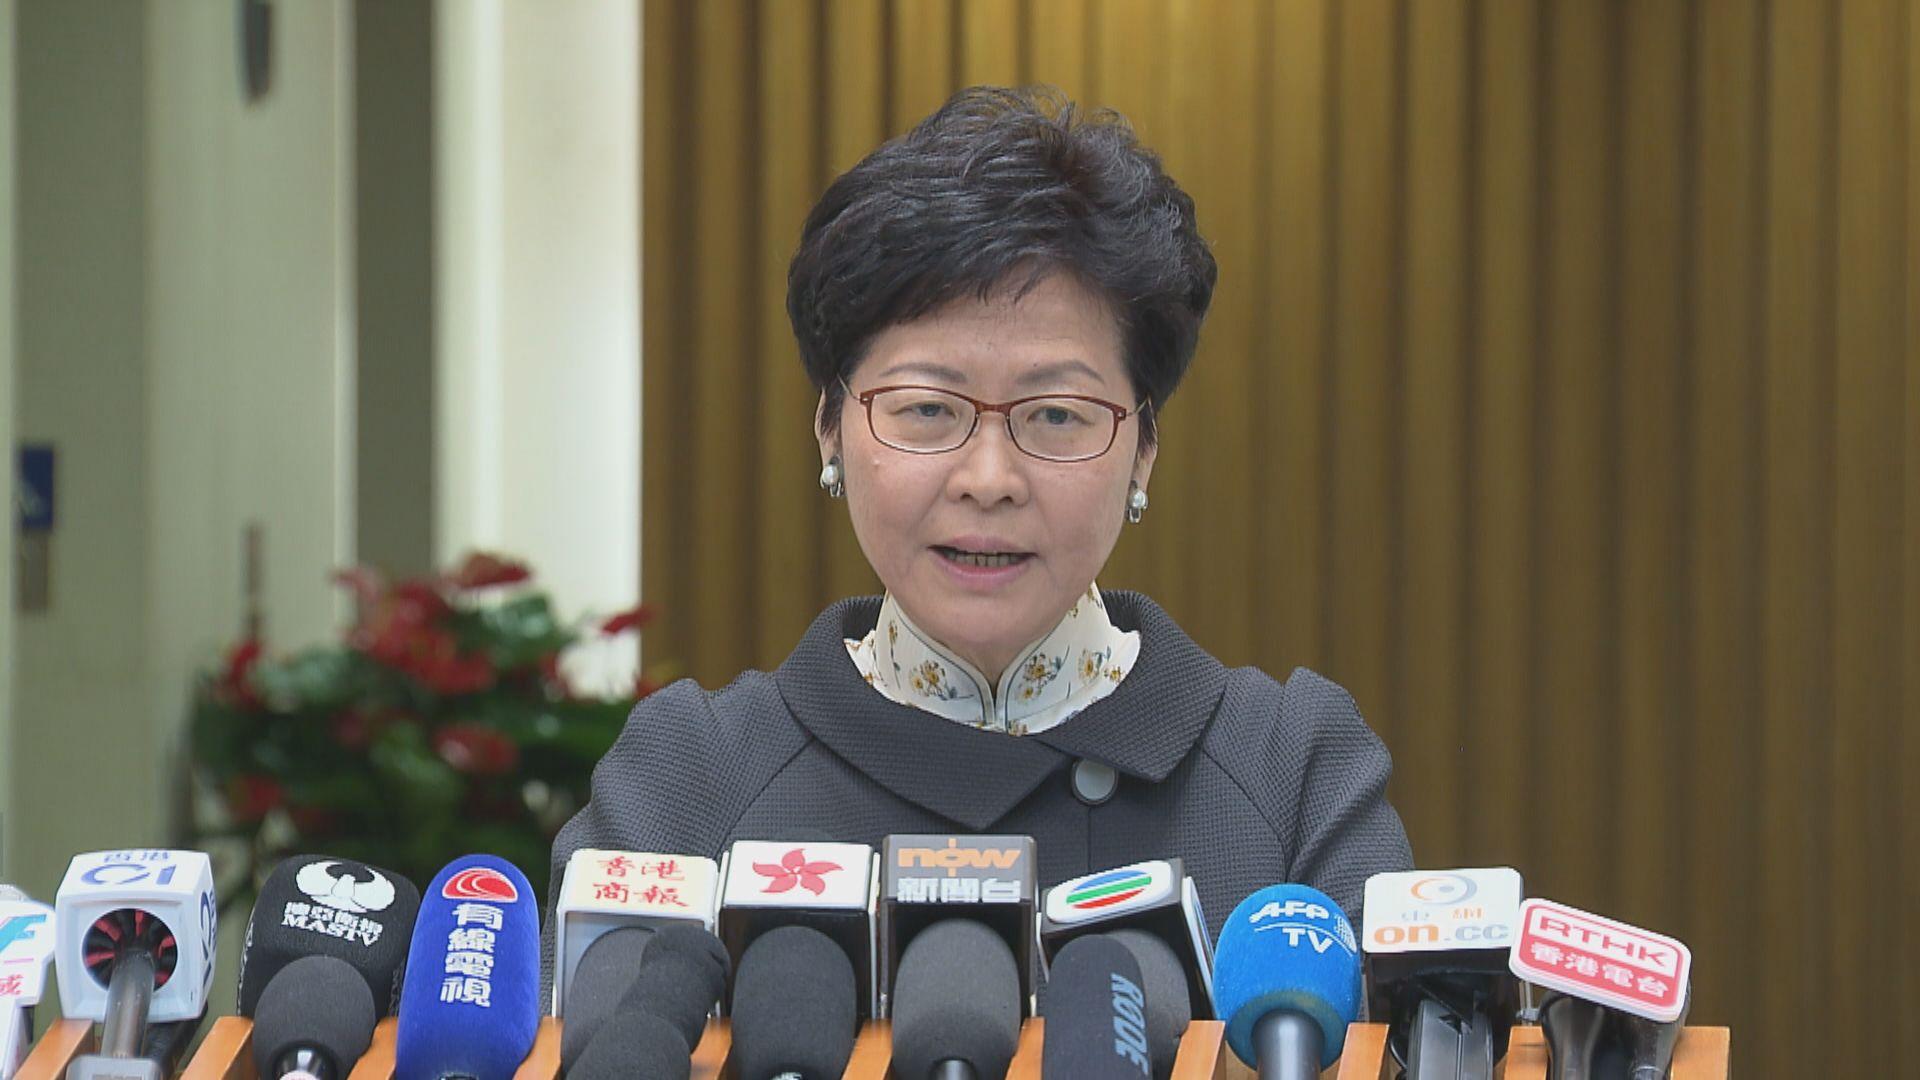 林鄭拒評馬凱簽證事件 指港府不容忍港獨